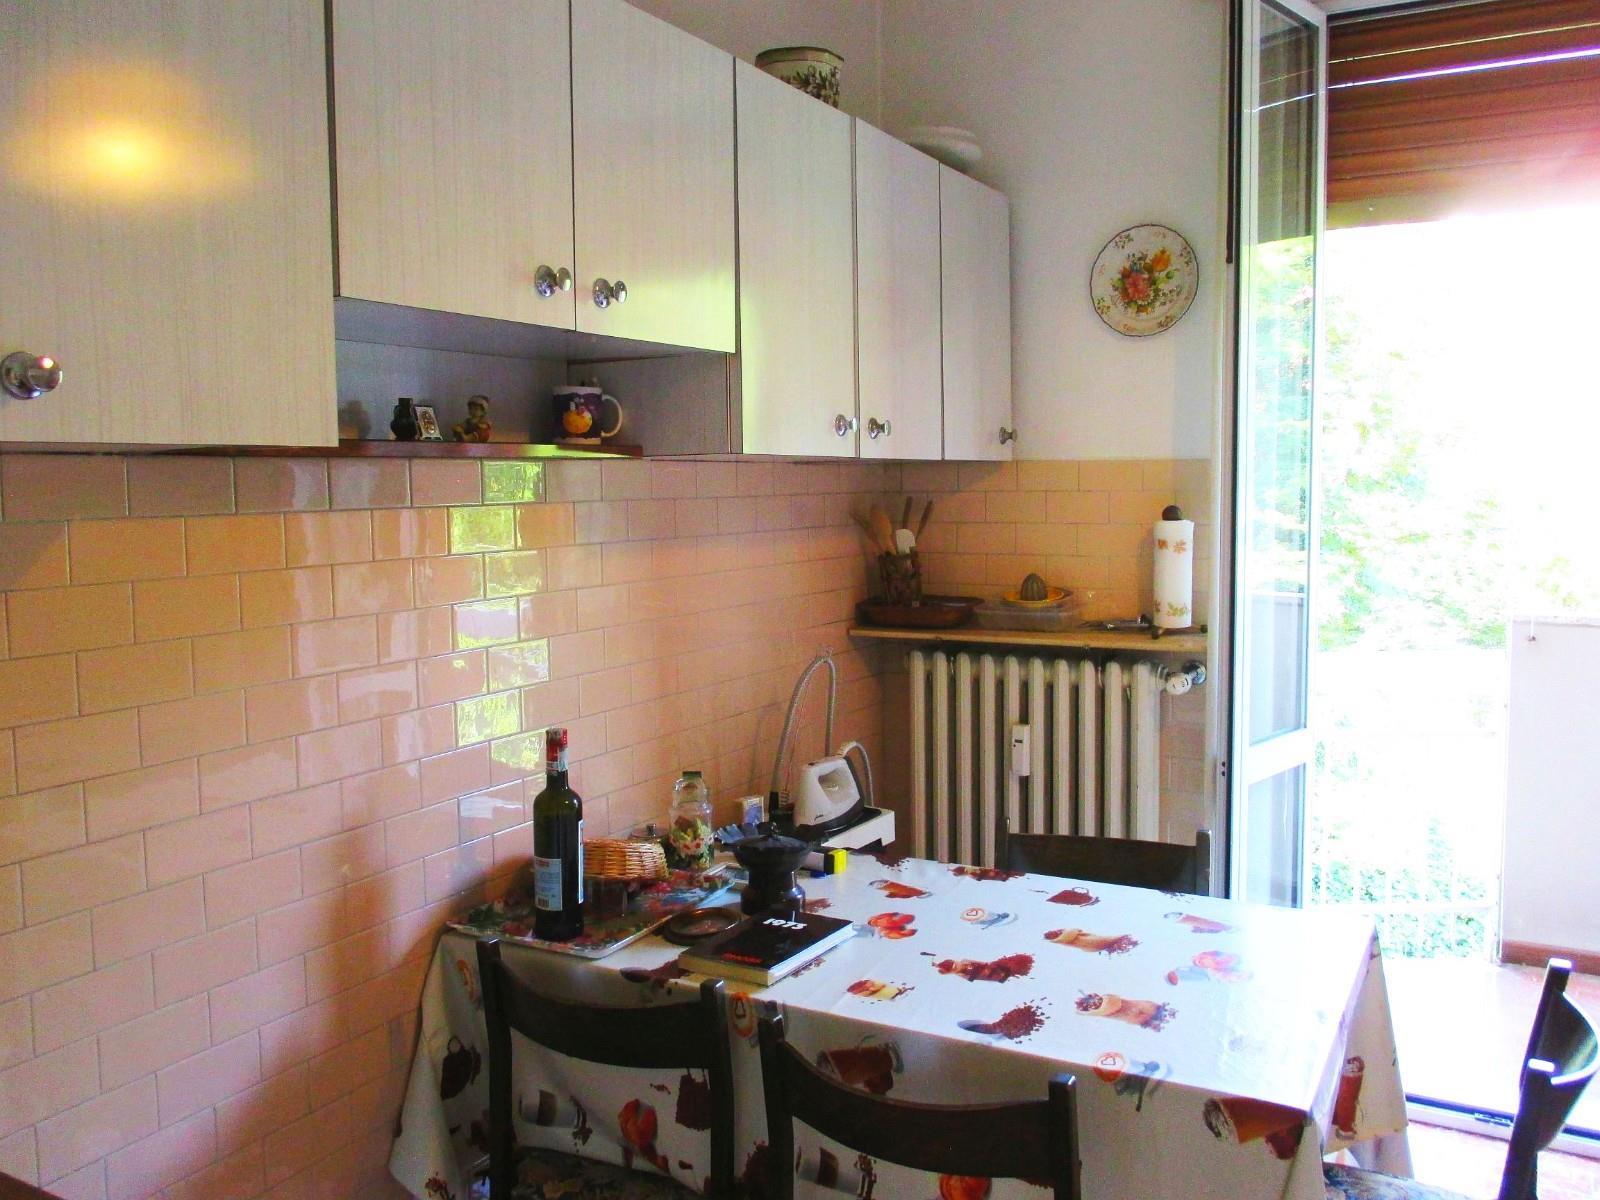 Foto 7 - Appartamento in Vendita - Seveso (Monza e Brianza)